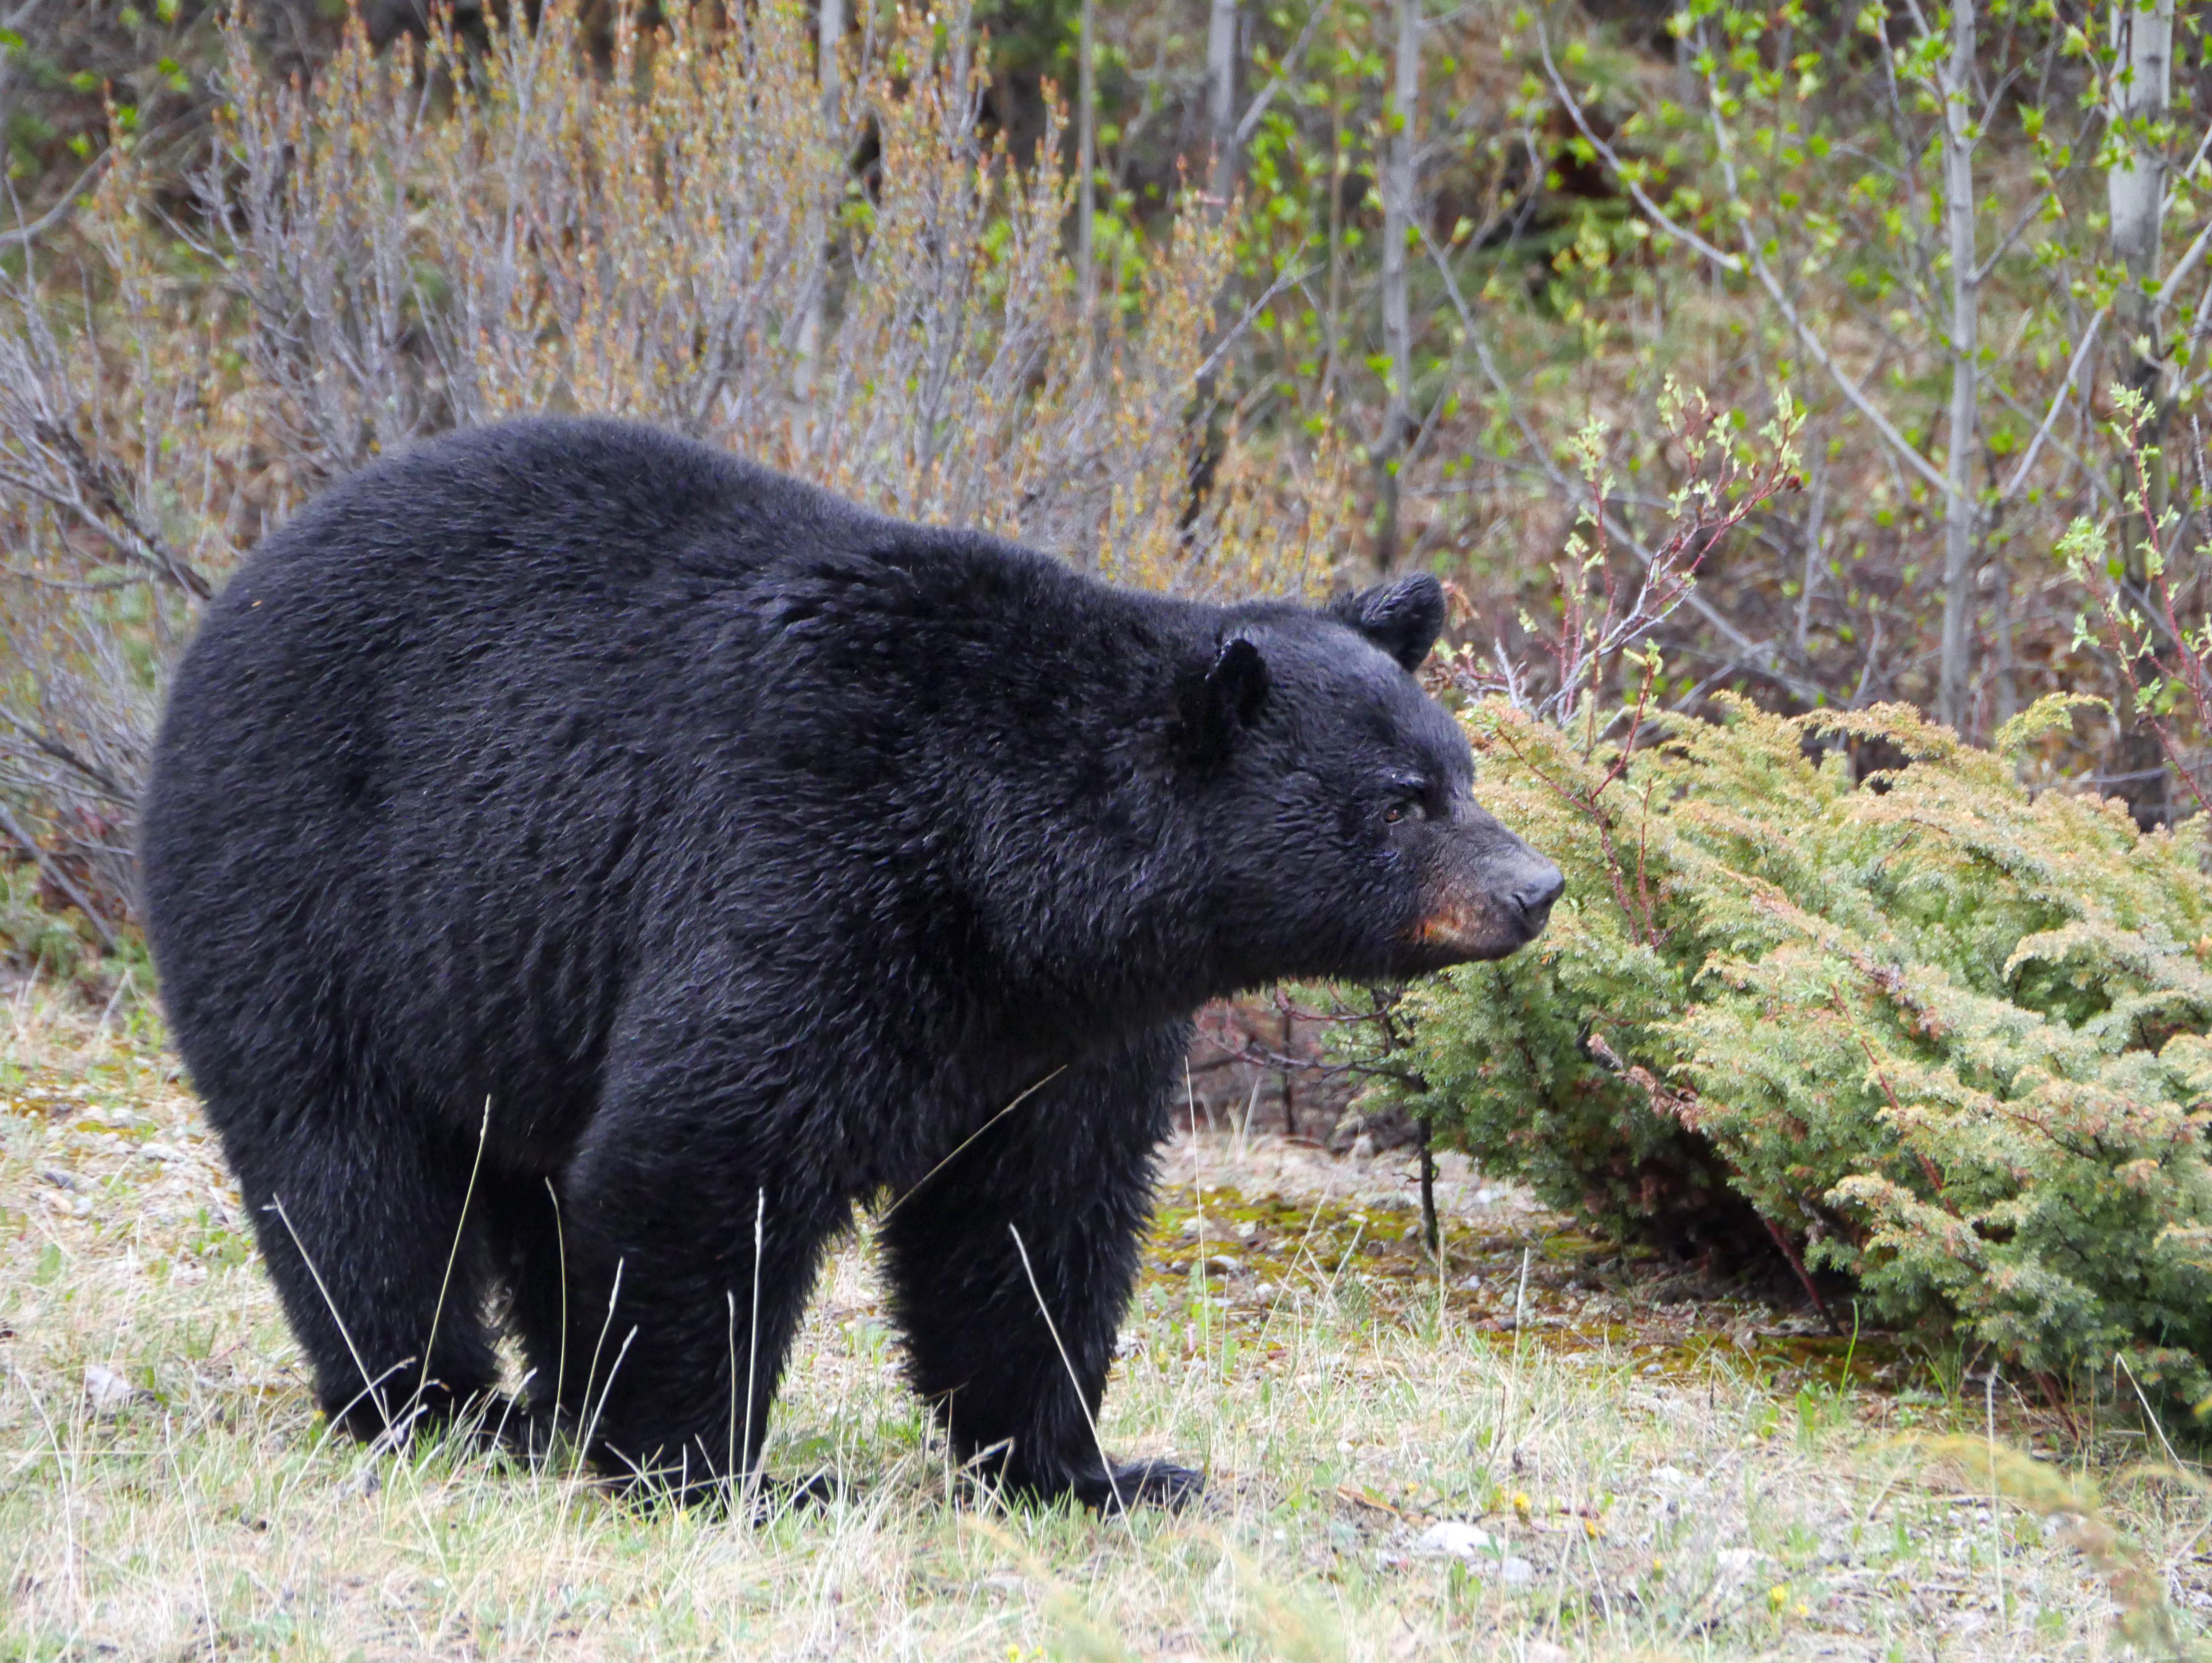 13 BearJasper